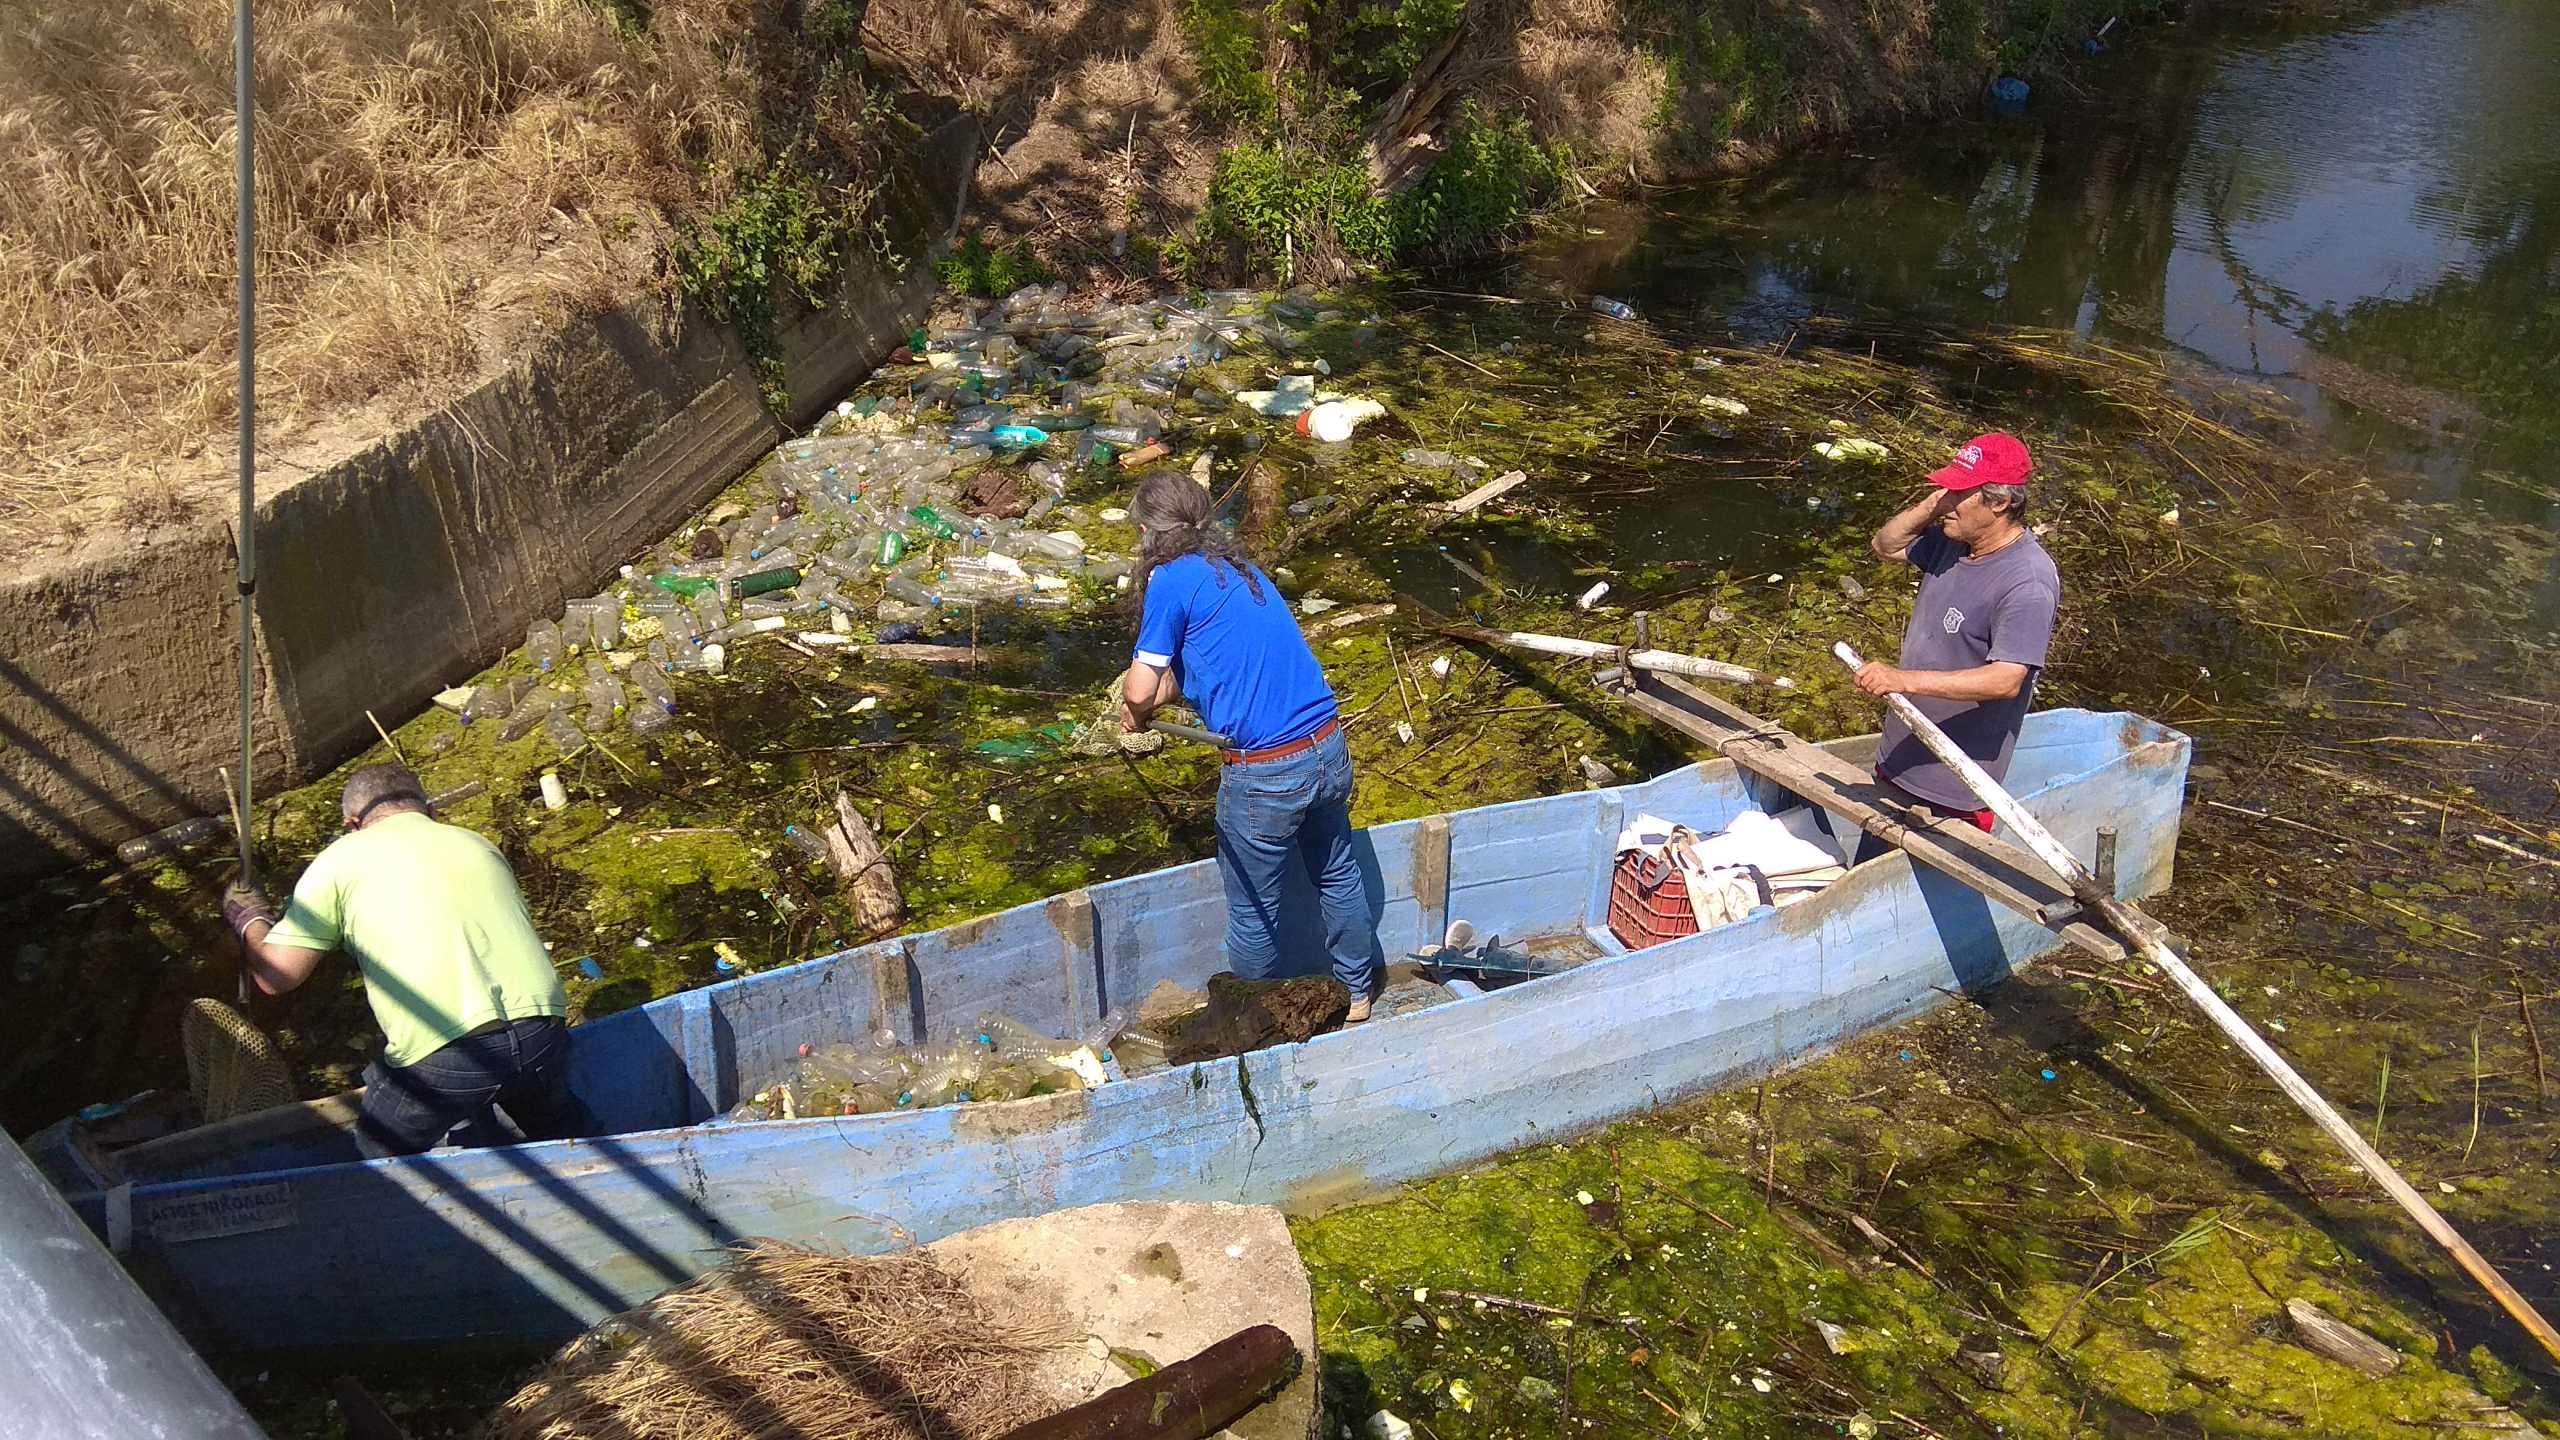 Κιλκίς: Μετέτρεψαν τη λίμνη Δοϊράνη σε σκουπιδότοπο – Δείτε τις εικόνες από τον καθαρισμό της περιοχής